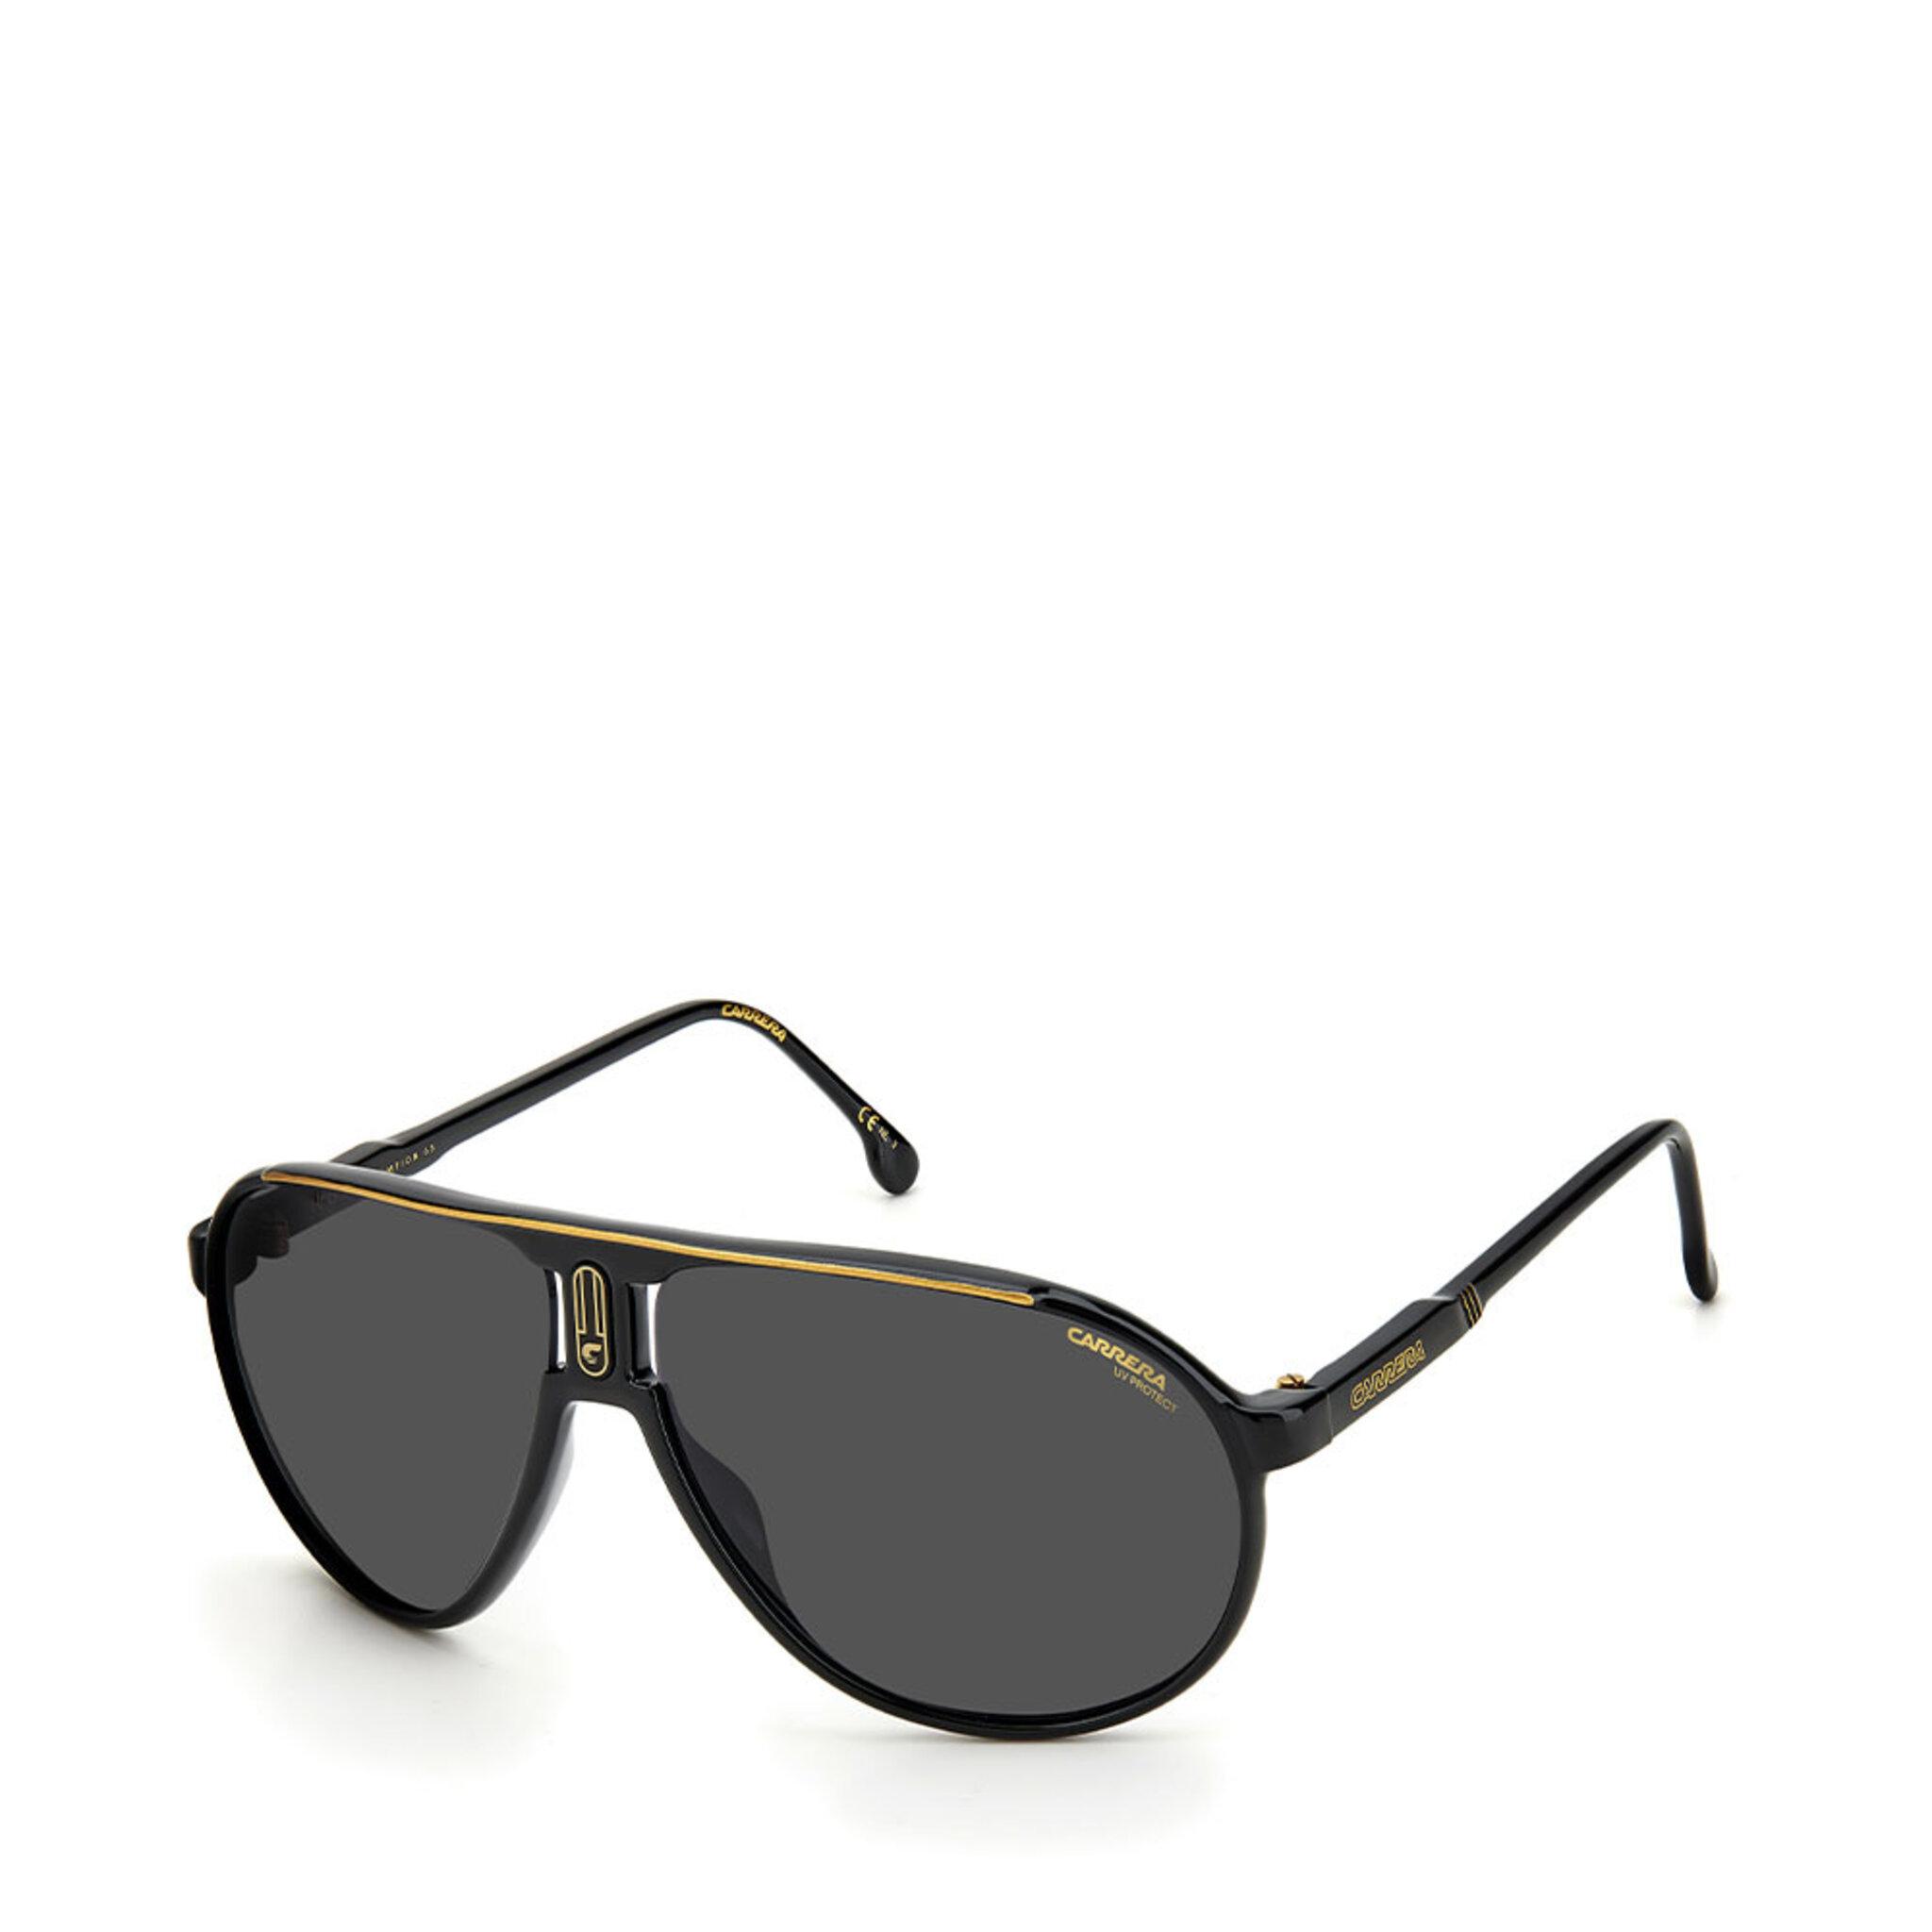 CARRERA Sunglasses CHAMPION65